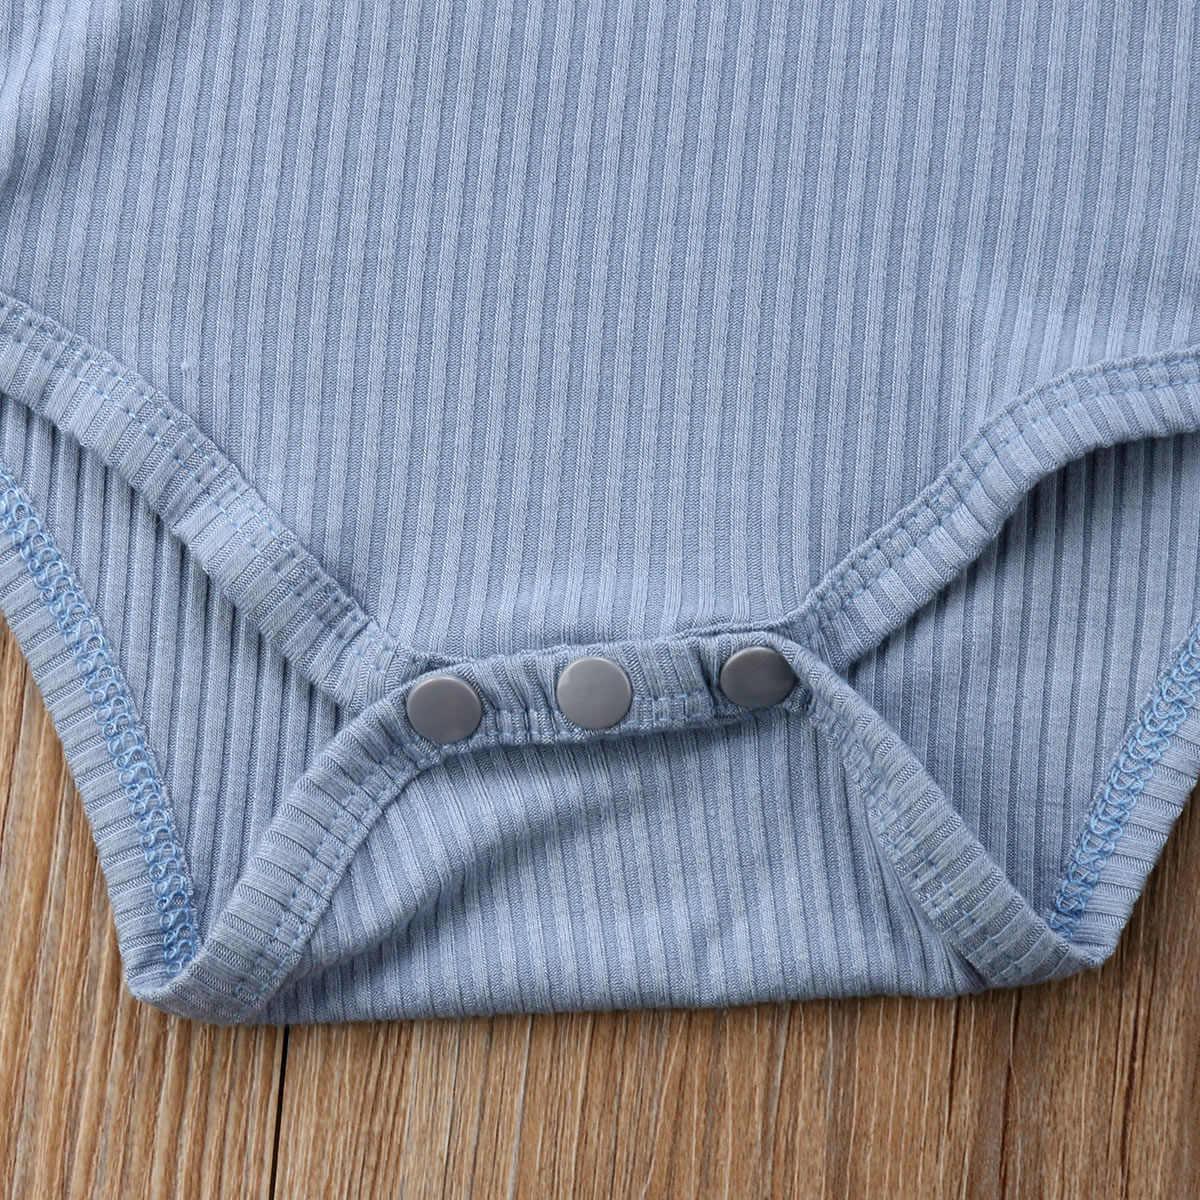 0-24 M Sơ Sinh Tập Đi Cho Bé Bodysuit Bé Trai Gái Không Tay Cotton Bodysuit Áo Liền Quần Bộ Trang Phục Nguyên Chất Màu Casaul Quần Áo 5 màu sắc